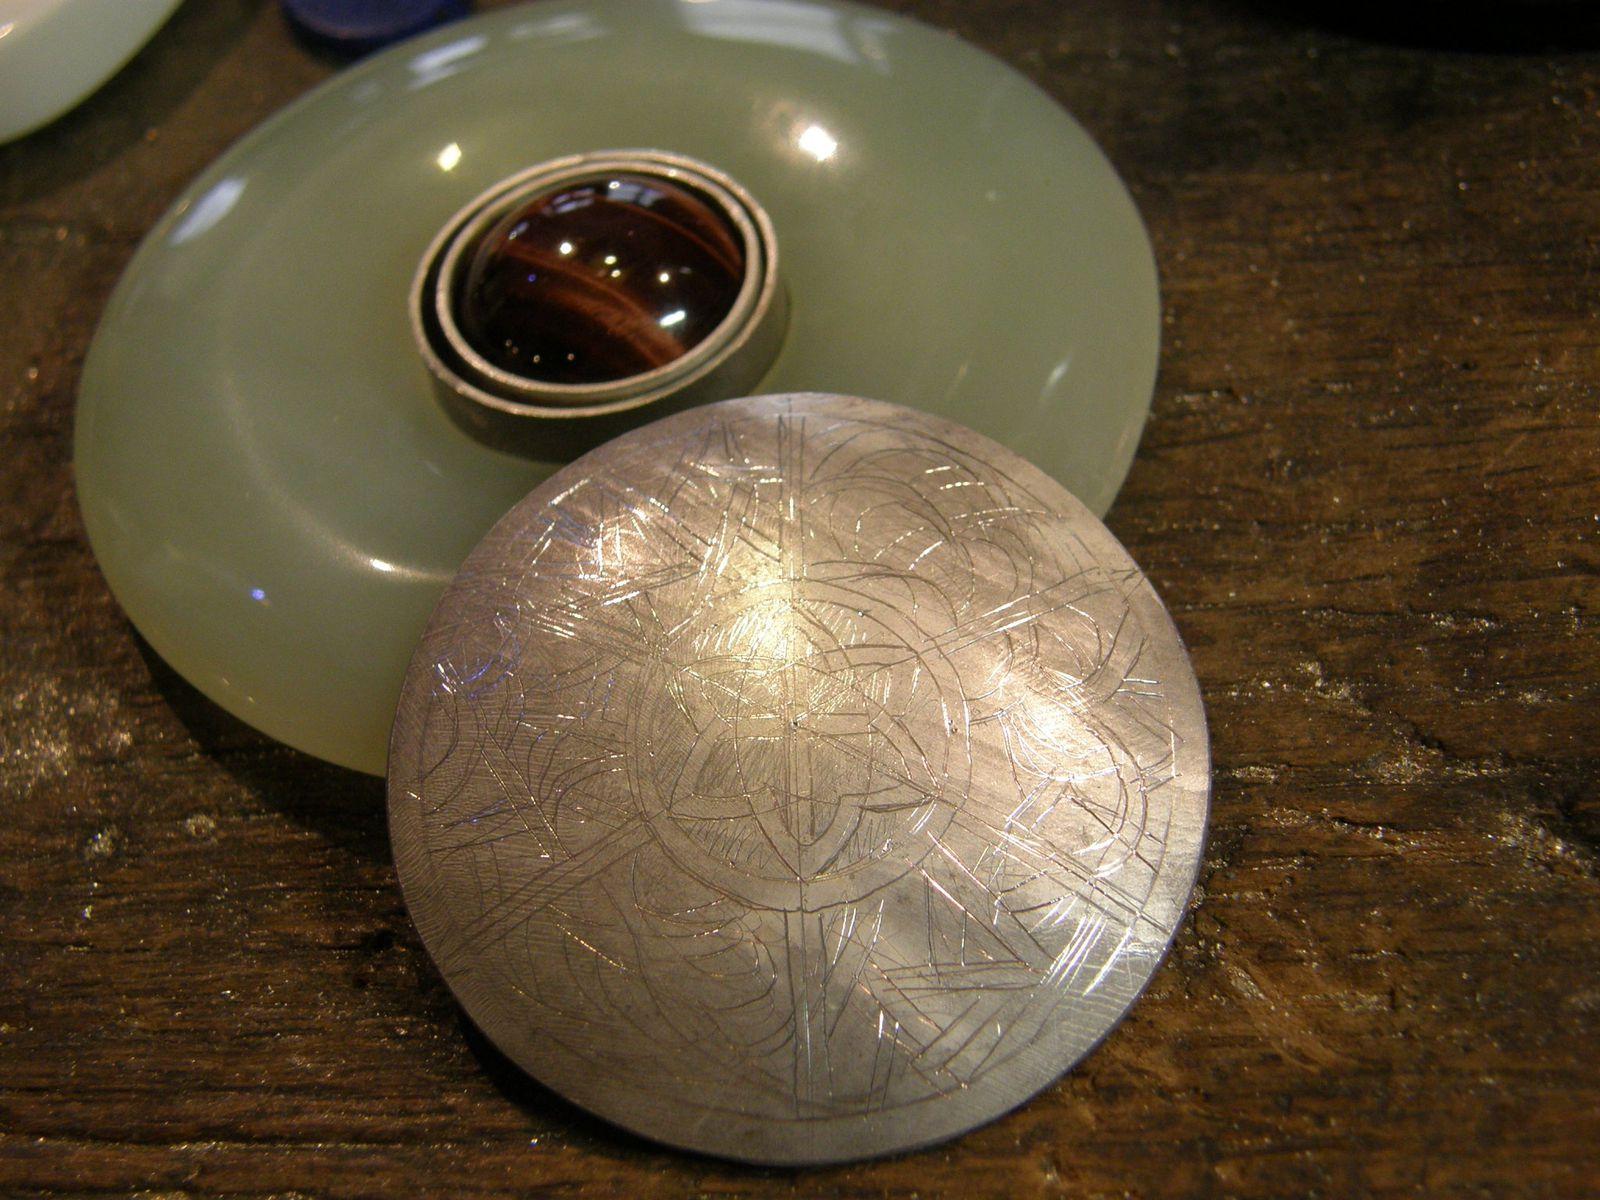 Le cabochon dans son sertis, au centre du disque et une plaque d'argent preparee pour faire le dos du bijou.